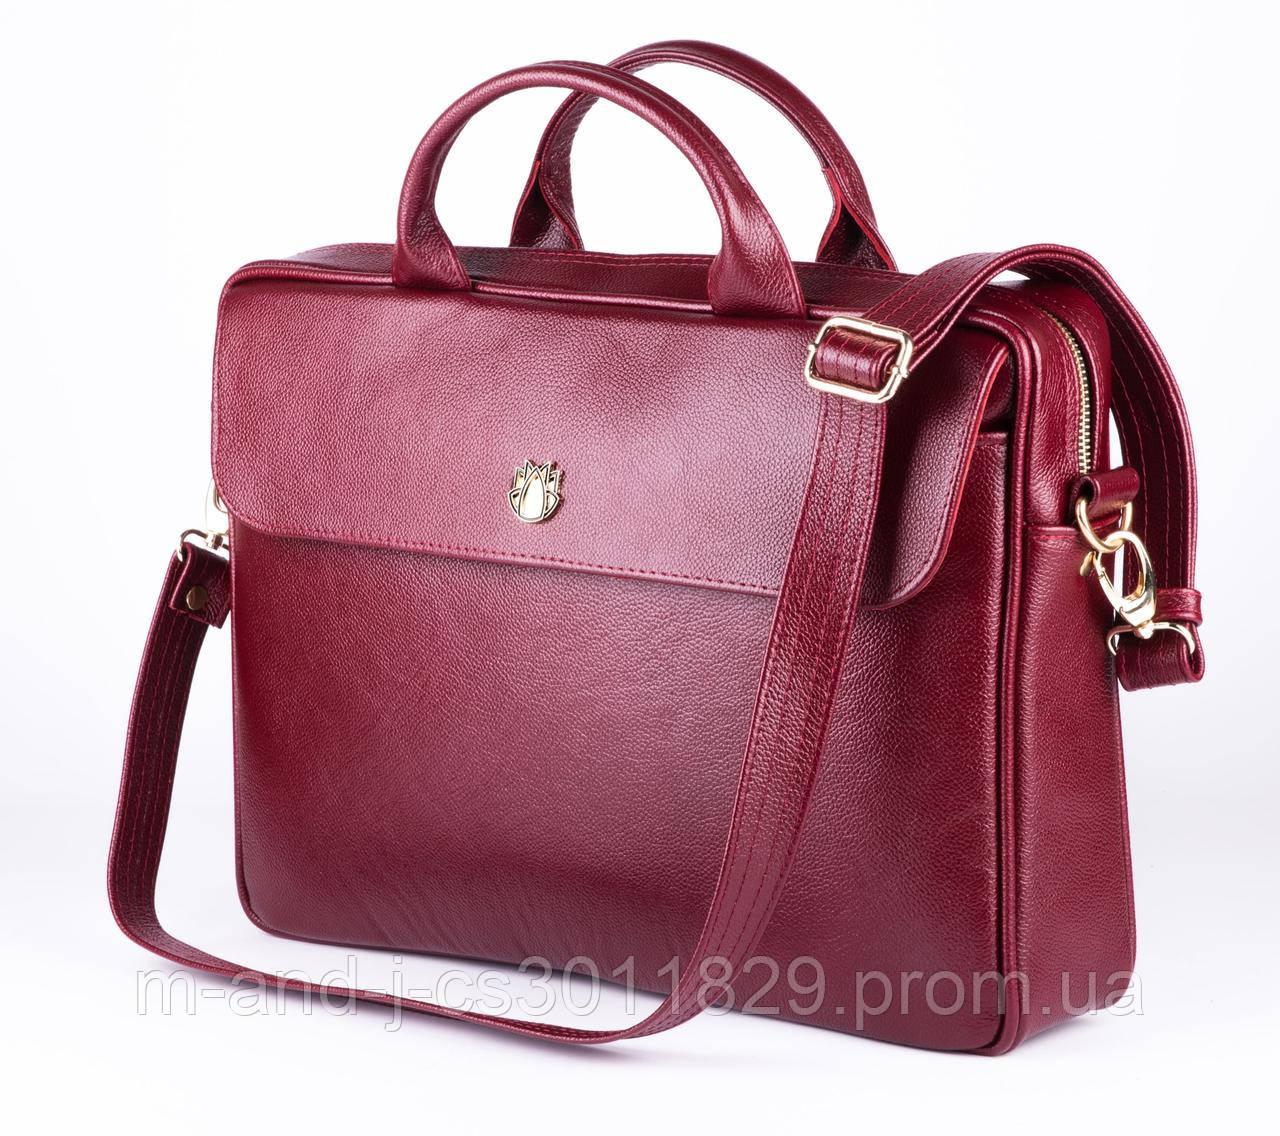 c95fa3a49900 Женская кожаная сумка для ноутбука Красная Felice FL16 - Интернет-магазин  компании M&J в Харькове